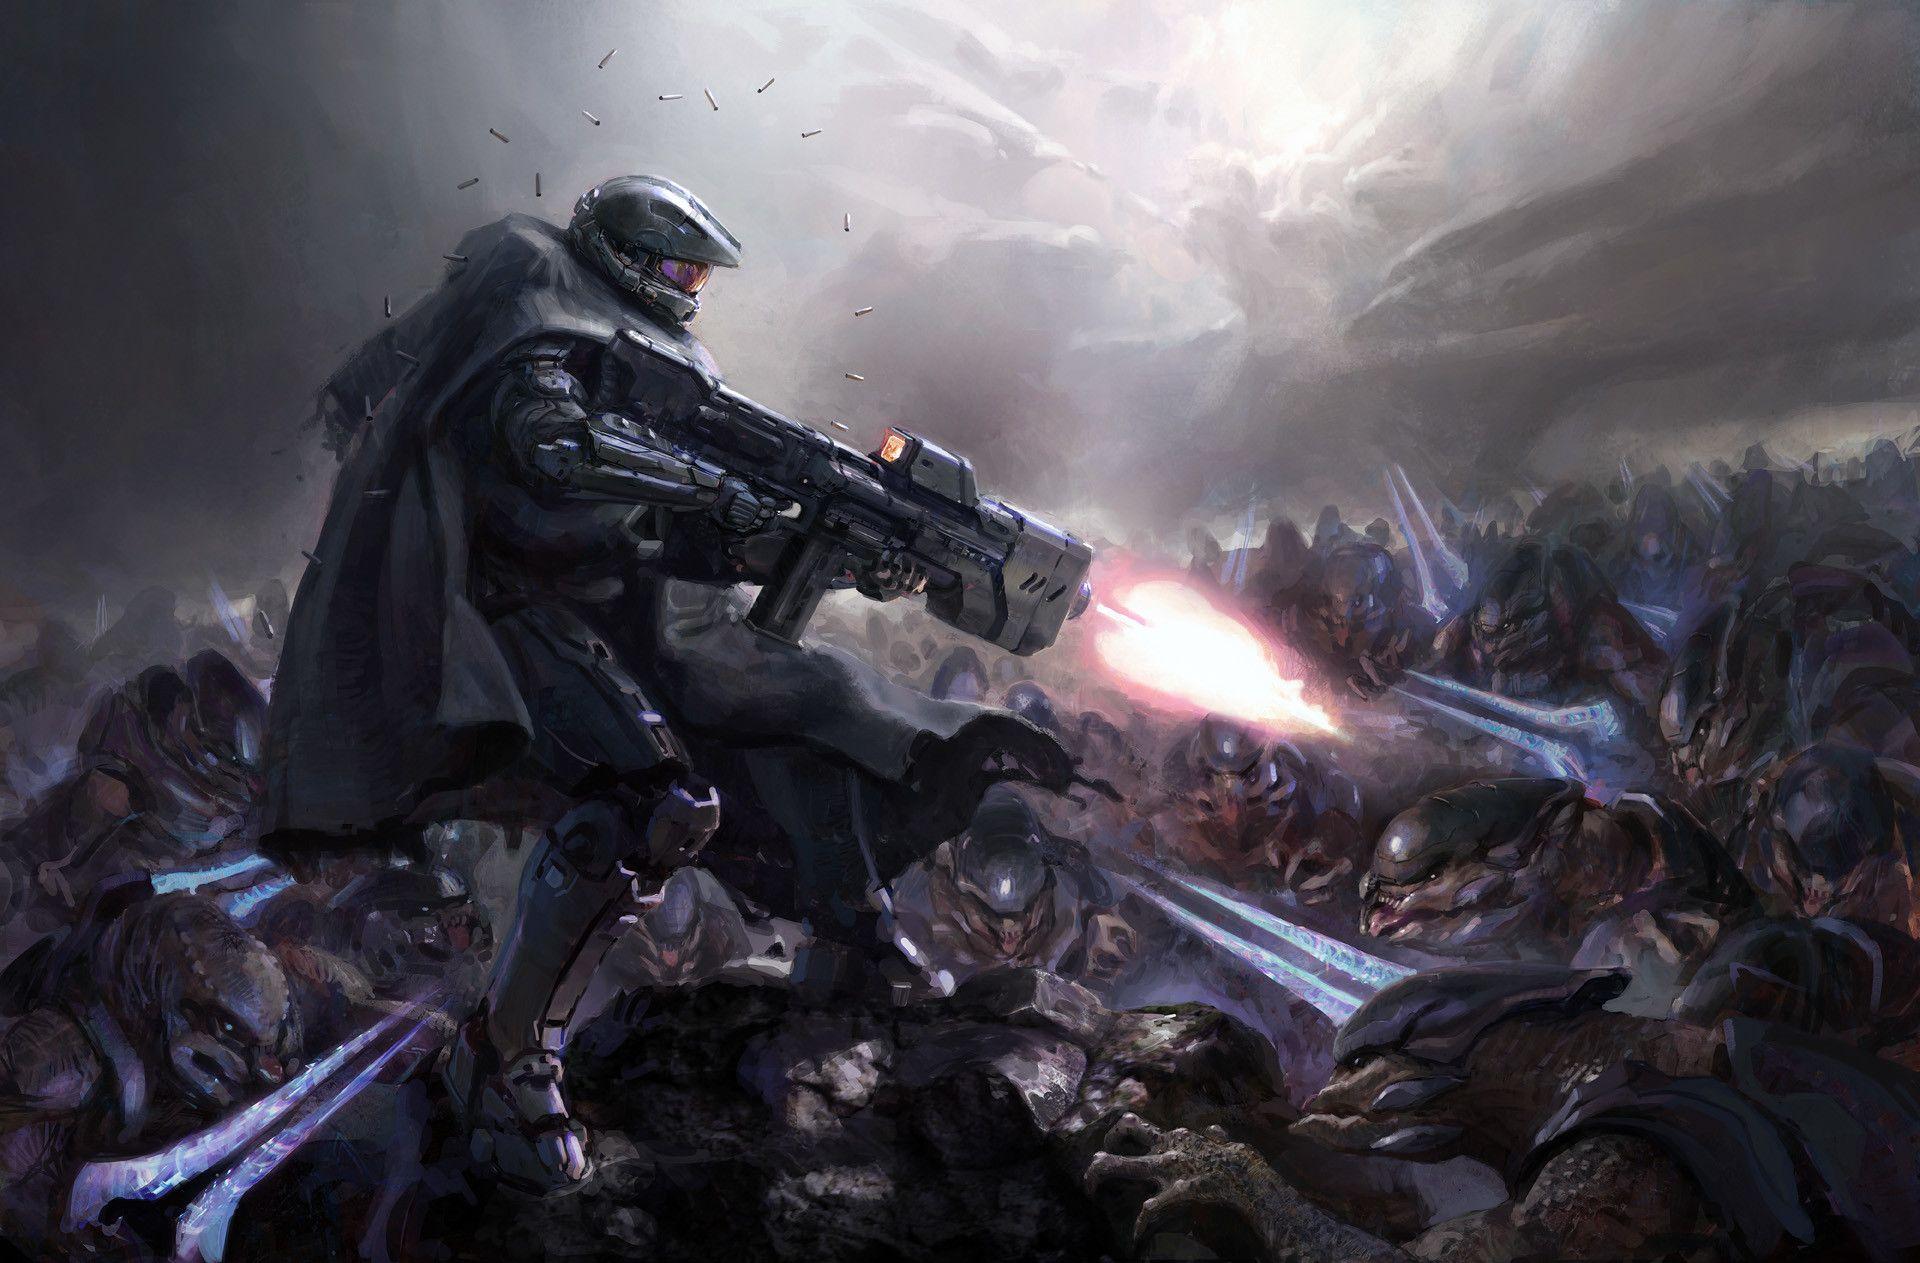 Chief by John Wallin Liberto (Halo 5)